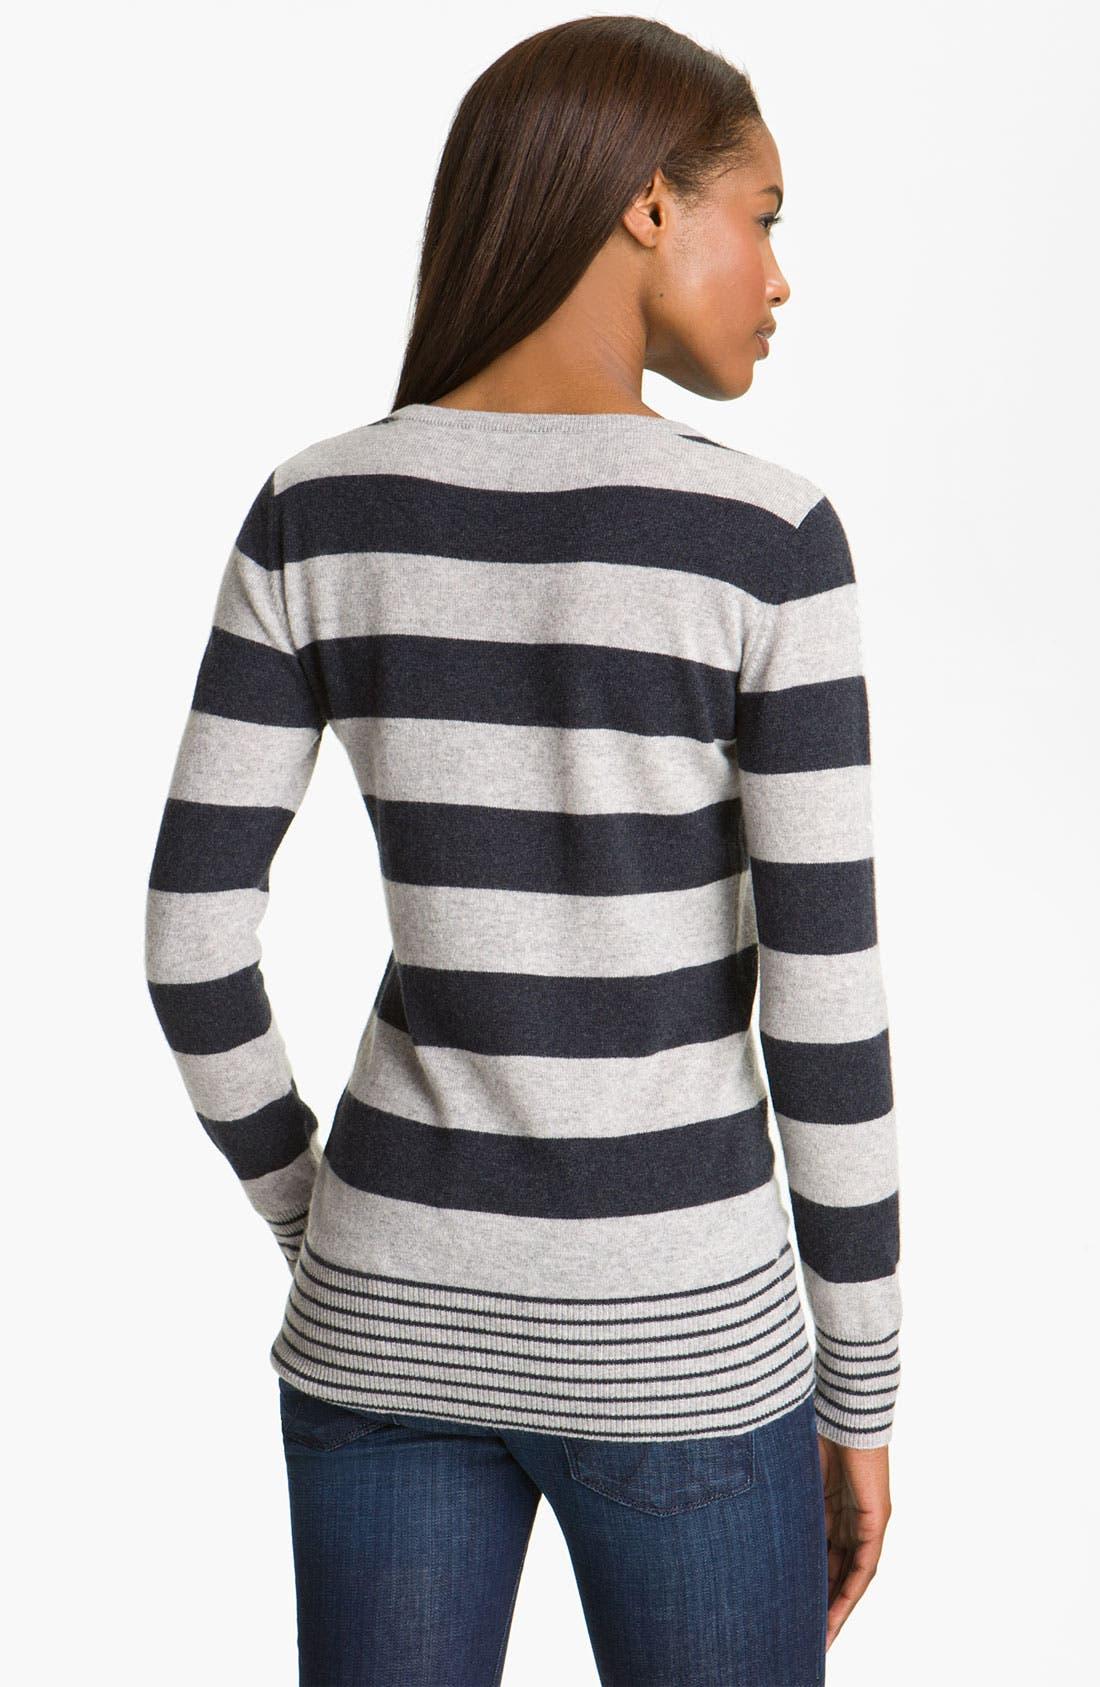 AUTUMN CASHMERE, Stripe Cashmere Sweatshirt, Alternate thumbnail 2, color, 051